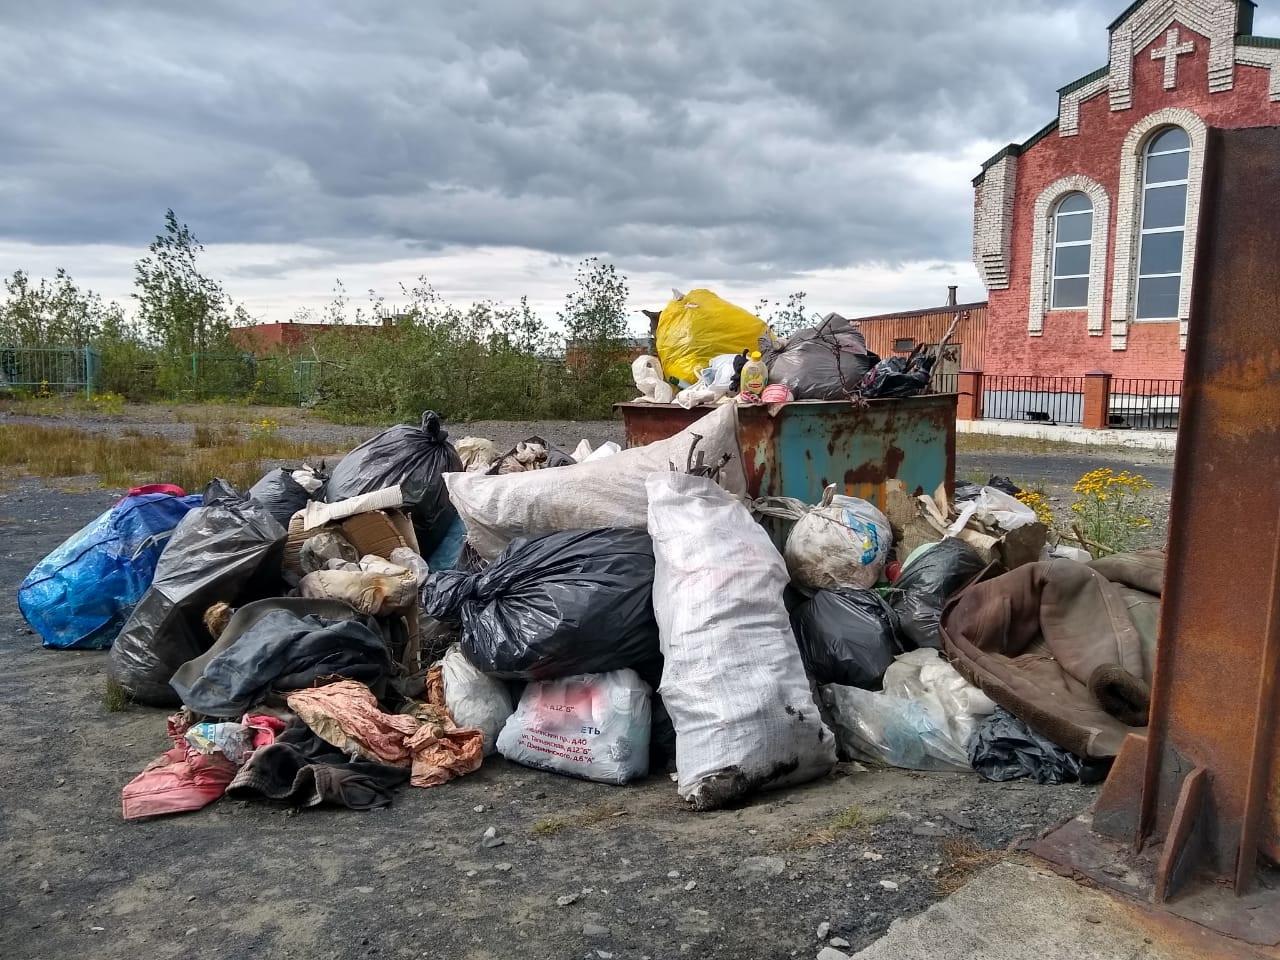 За неделю до Дня города активисты провели традиционную уборку на старом кладбище в районе улицы Нансена